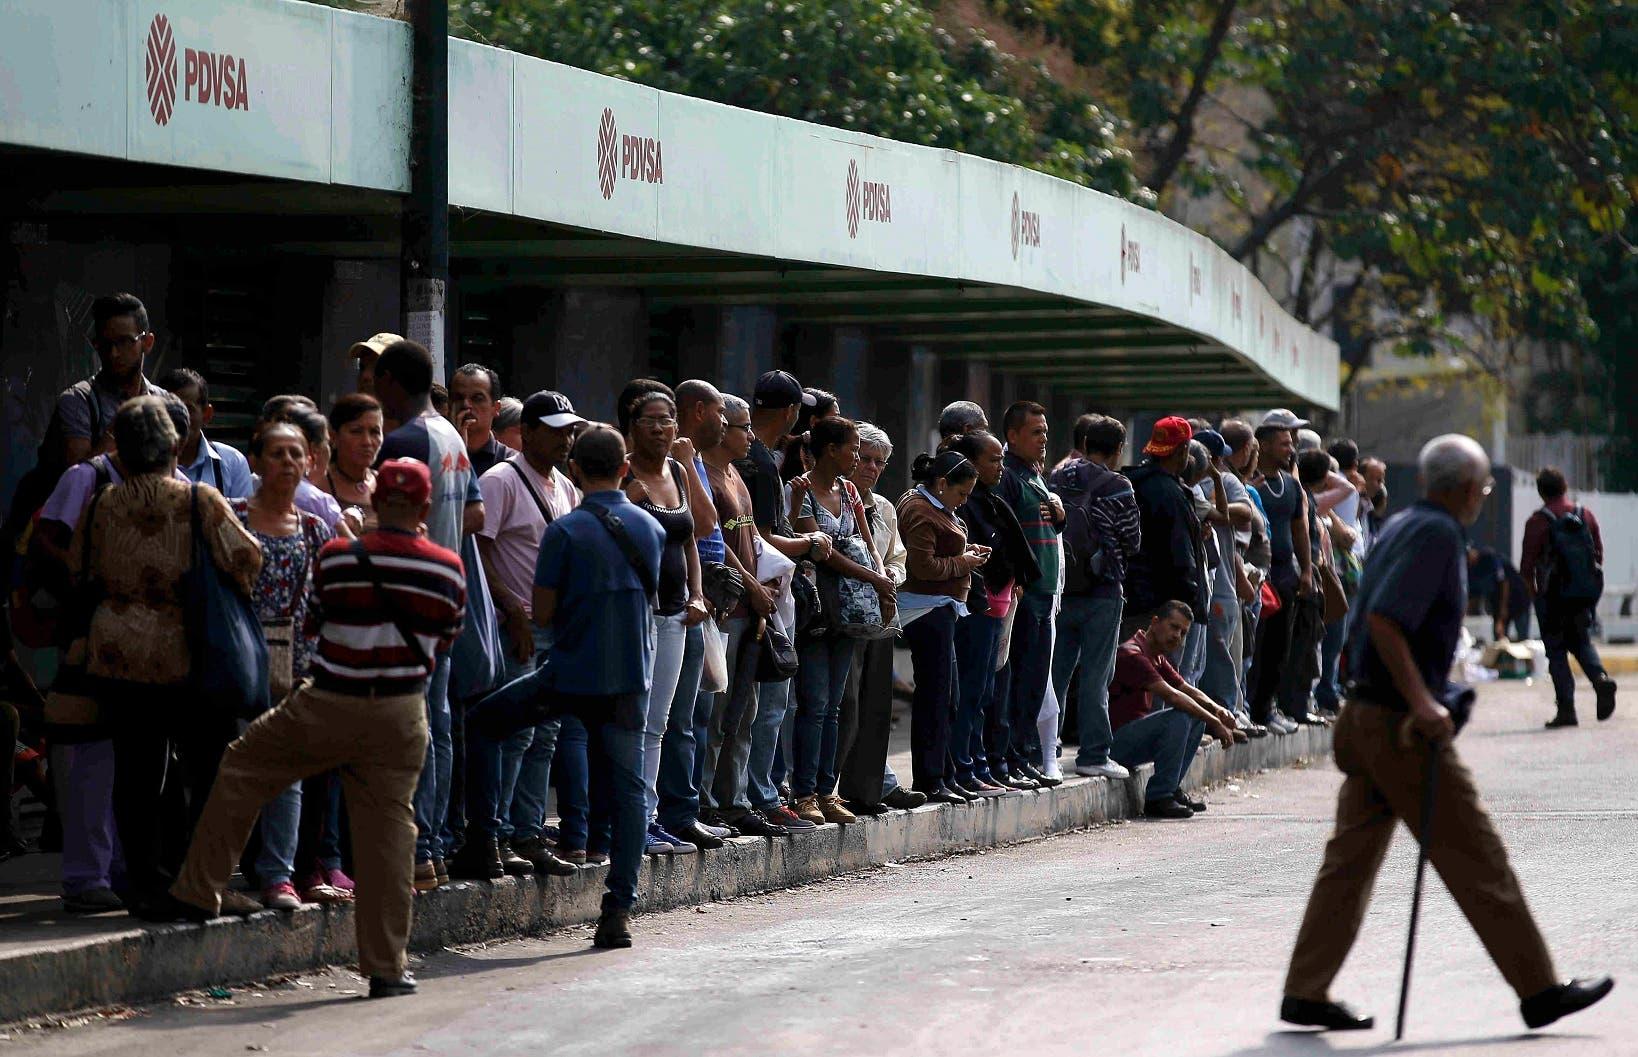 """Con el nuevo apagón se demuestra que aún no se ha corregido por completo la falla que, de acuerdo con denuncias del Gobierno de Nicolás Maduro, se debe a un """"sabotaje"""" orquestado por la oposición con la participación de Estados Unidos."""